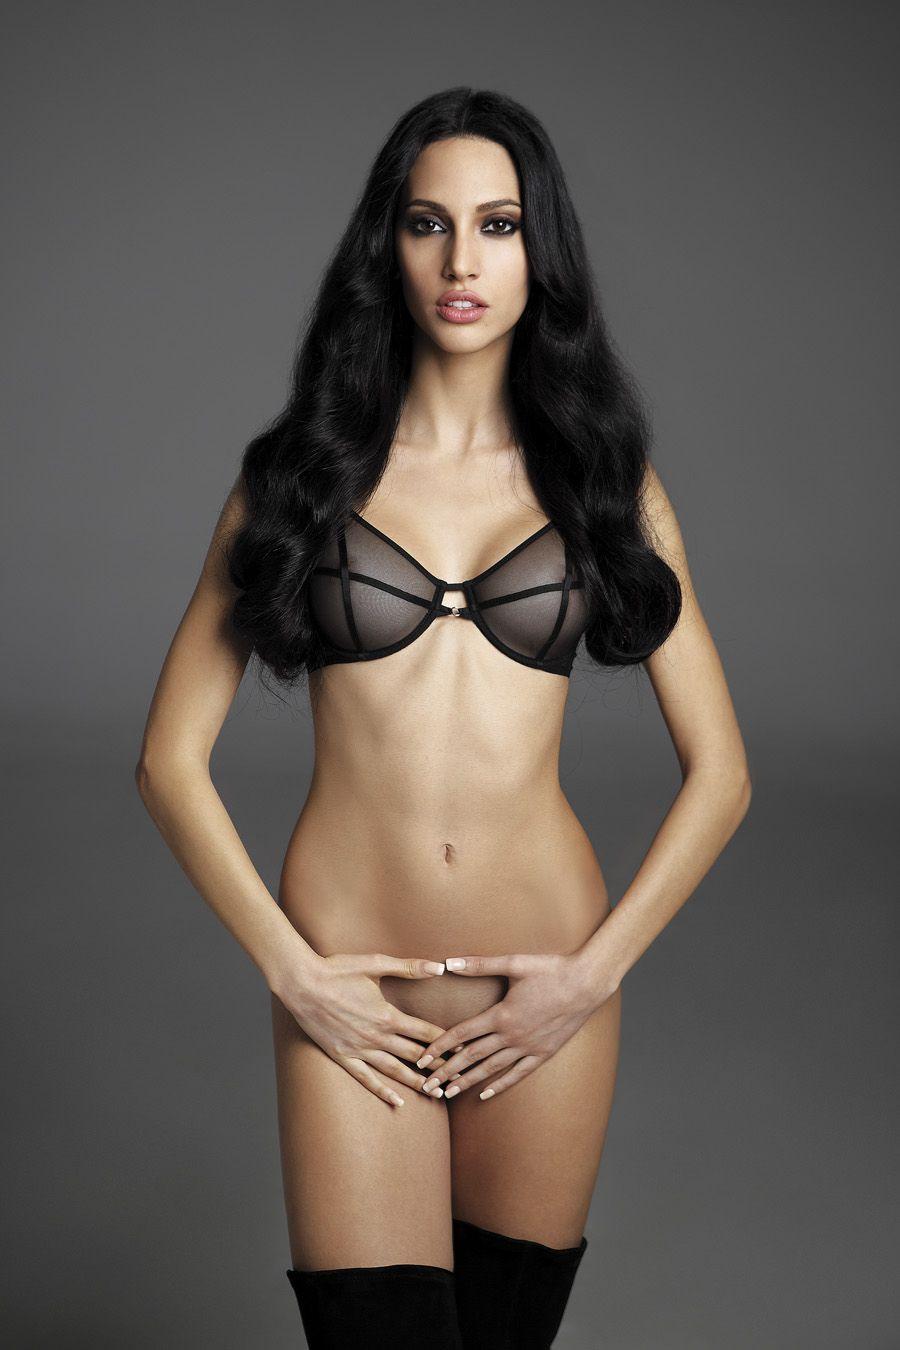 Nude hot teacher sex